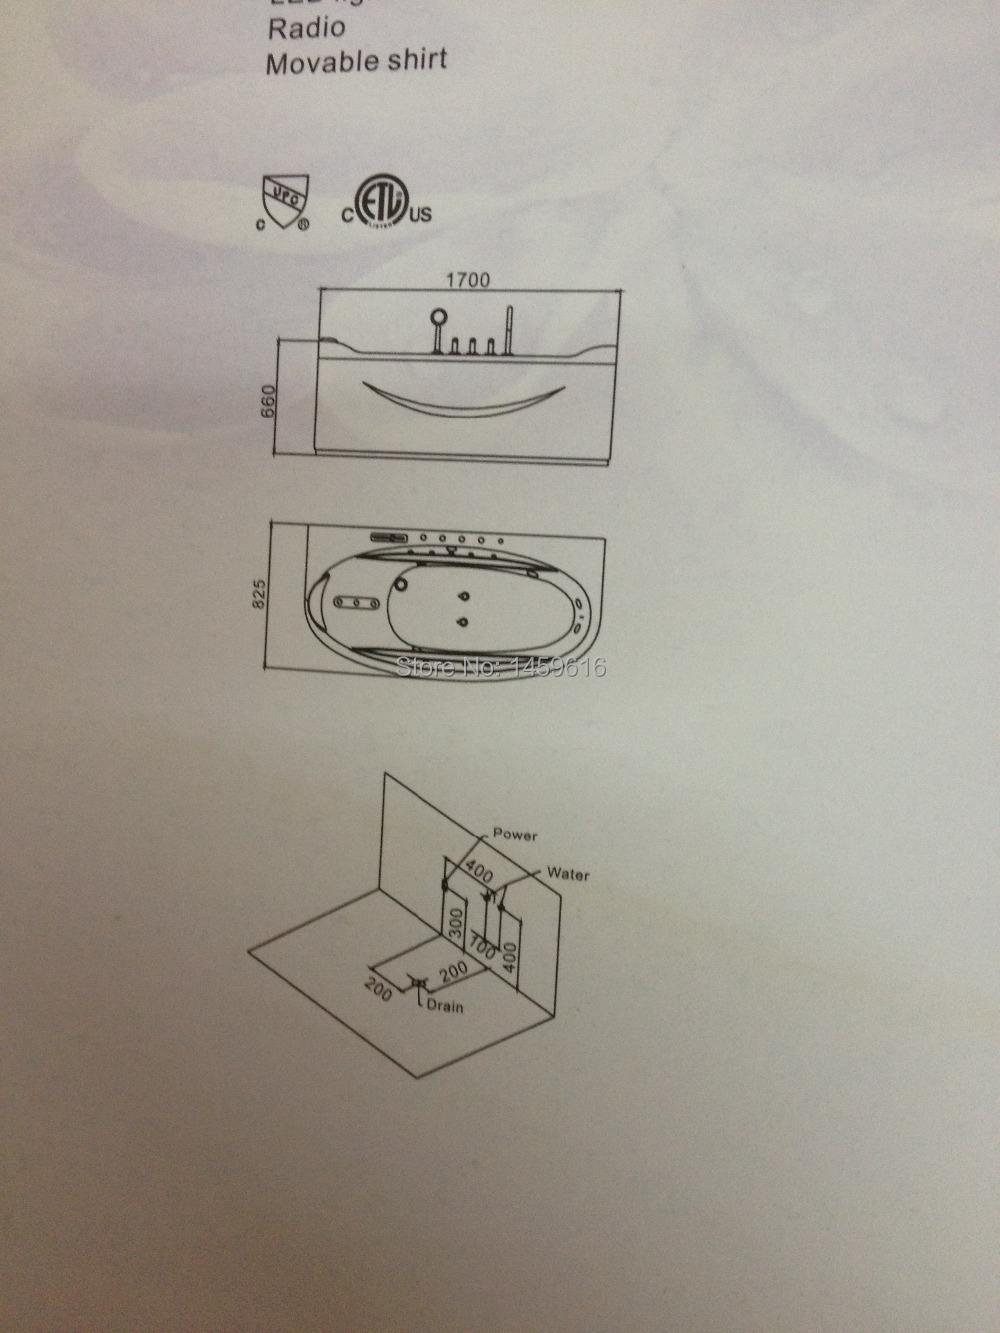 Groß Drei Draht Whirlpool Bilder - Elektrische Schaltplan-Ideen ...